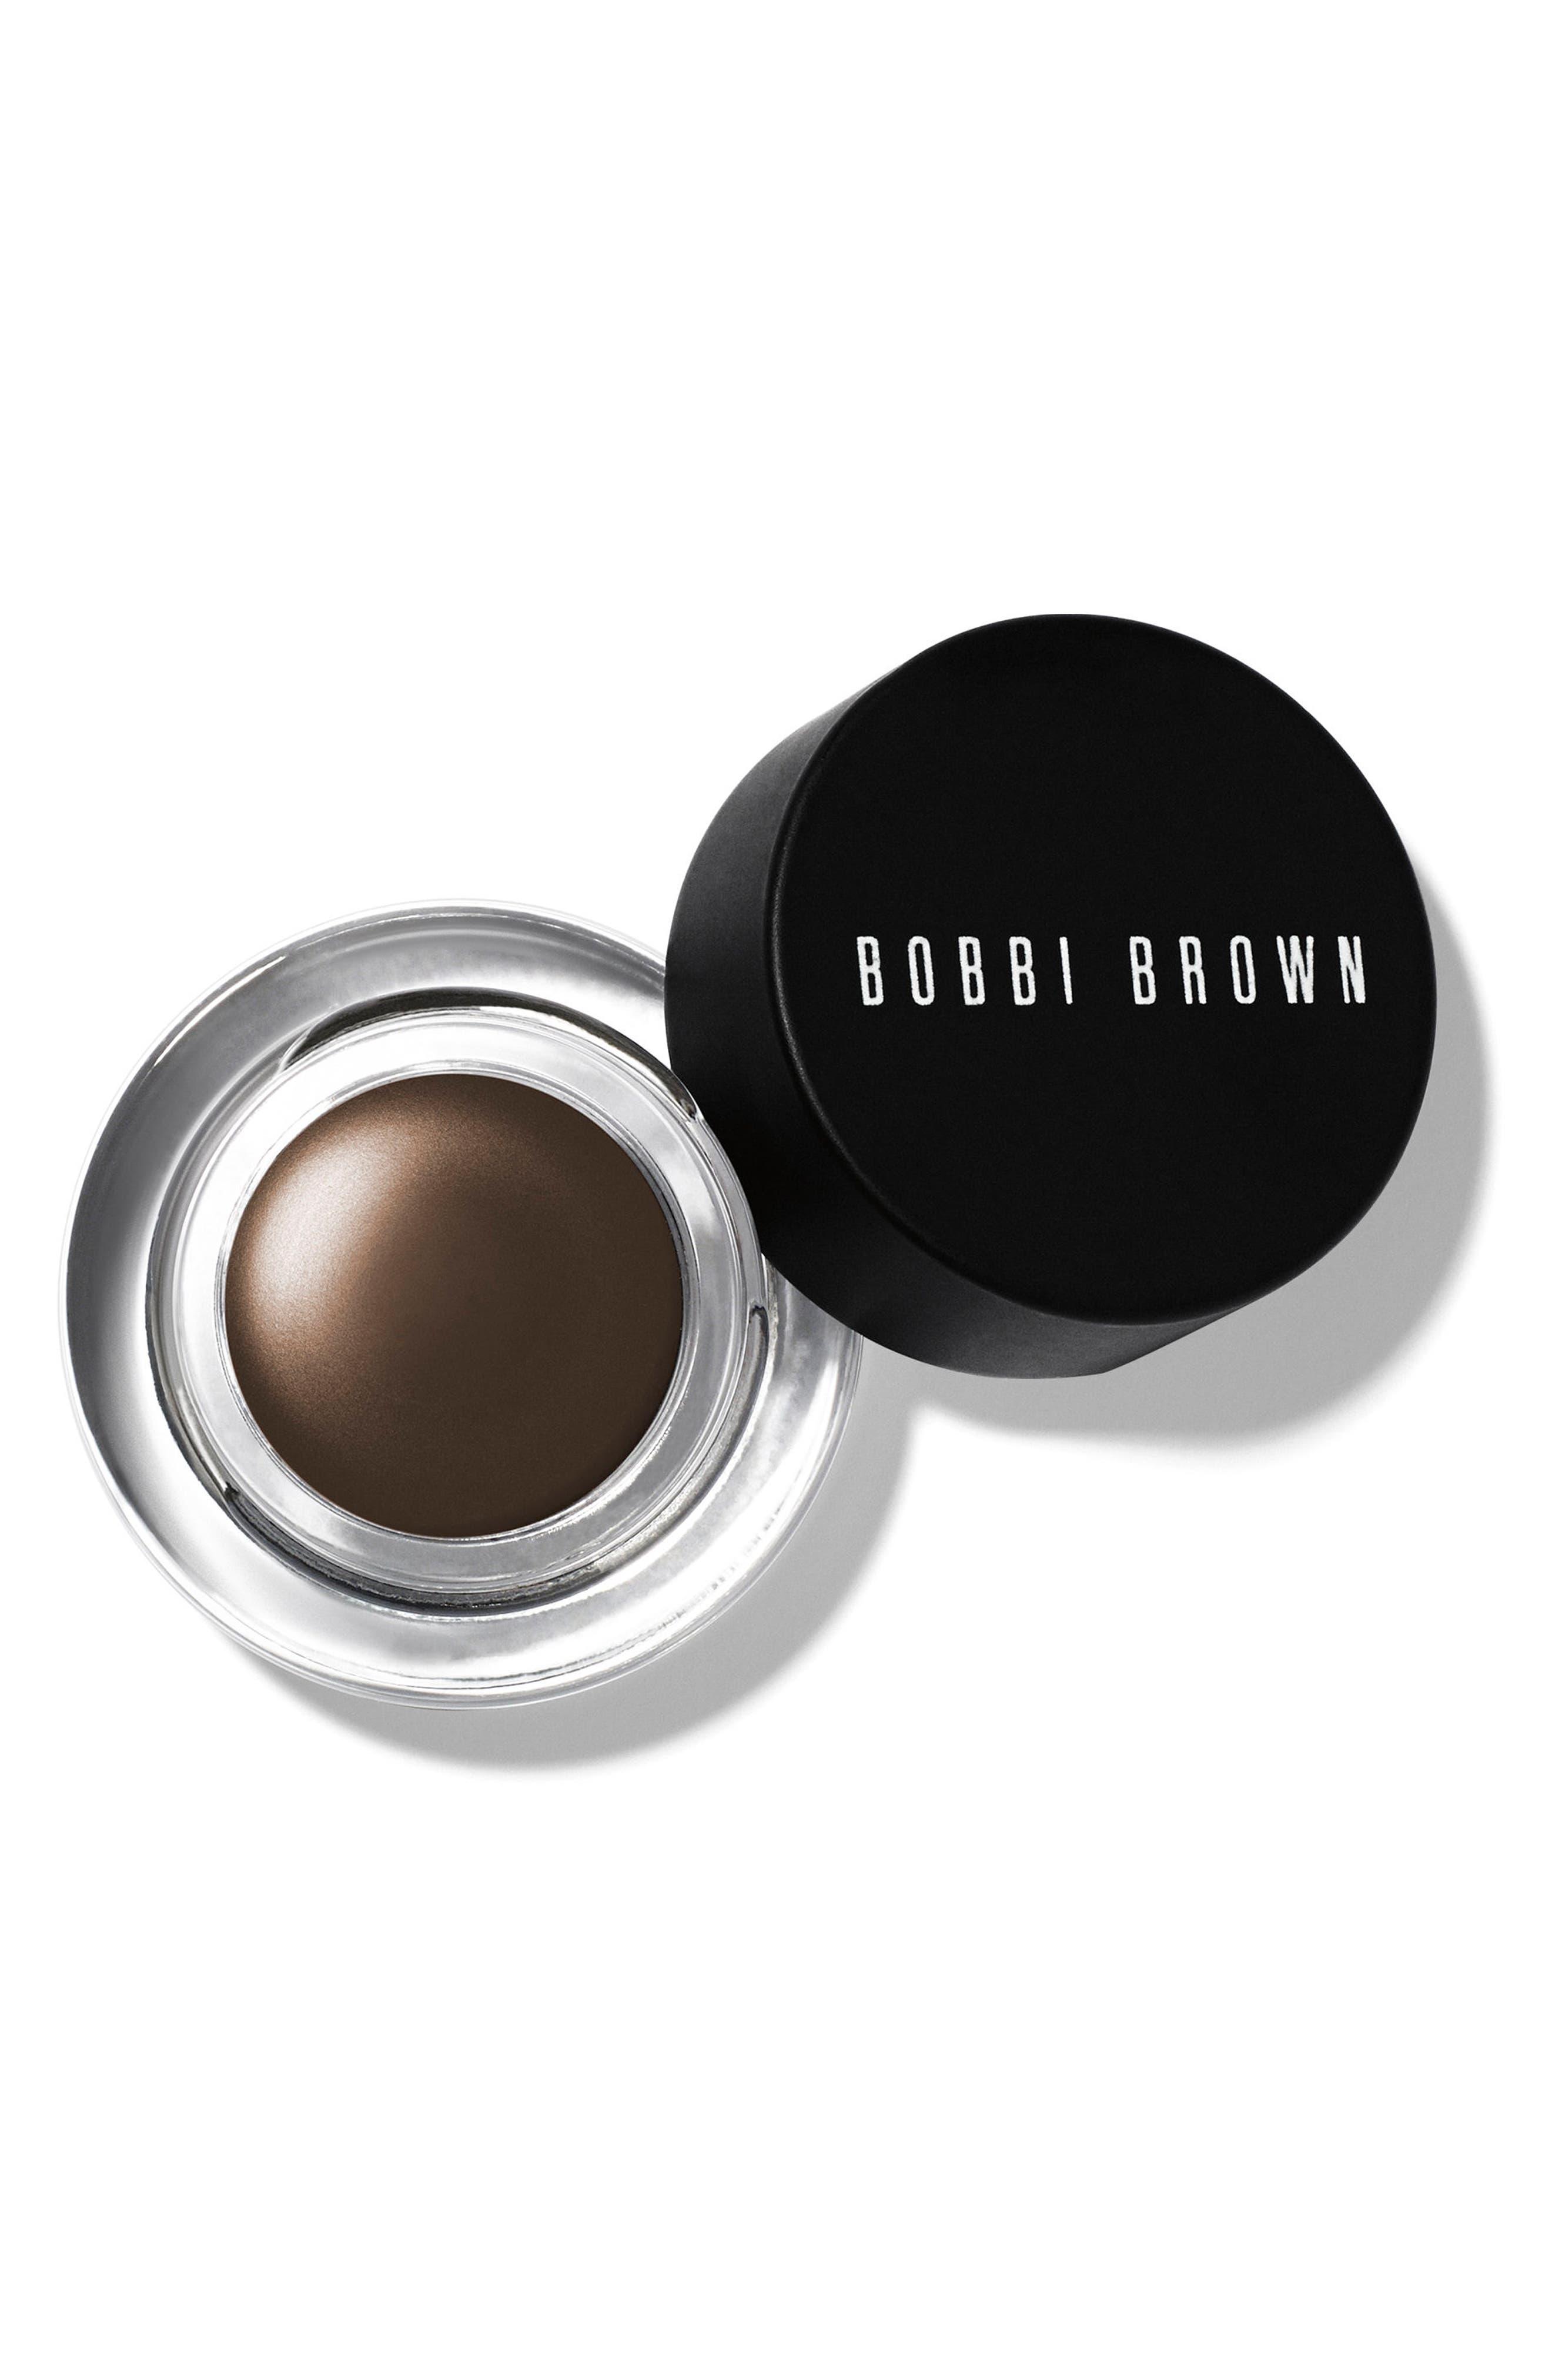 Bobbi Brown Long-Wear Gel Eyeliner - Sepia Ink